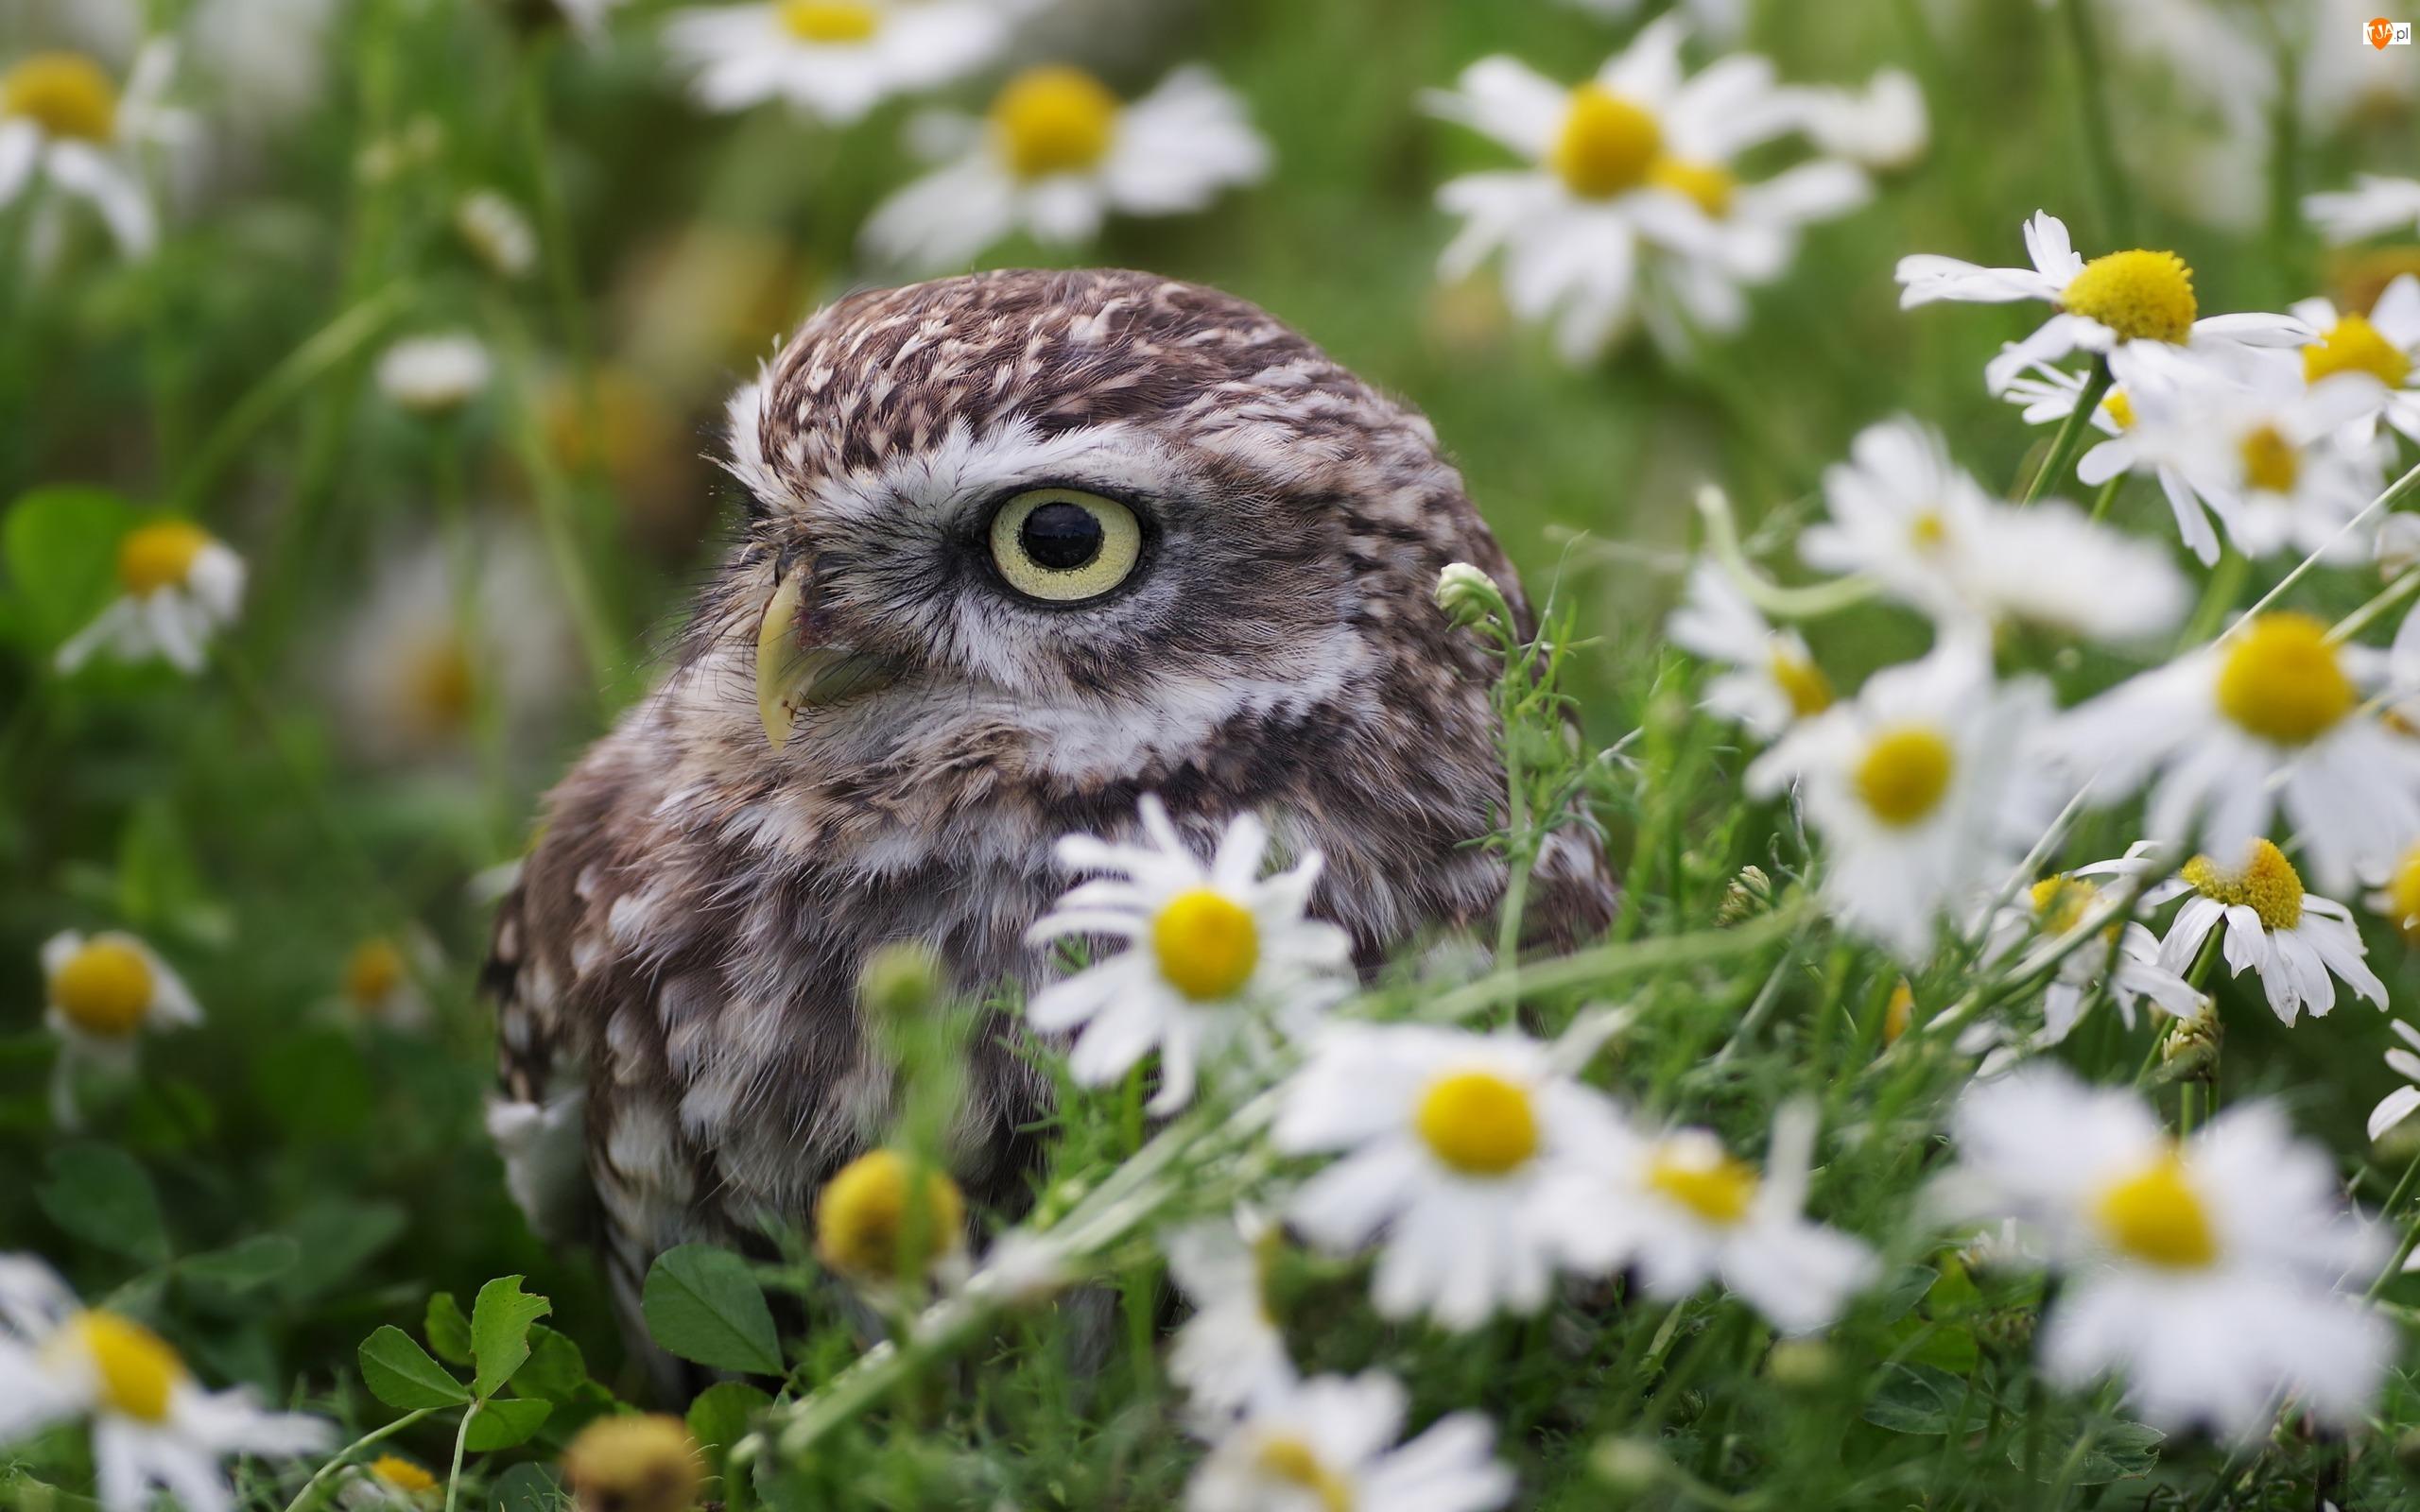 Pójdźka zwyczajna, Rumianek, Sowa, Ptak, Kwiaty